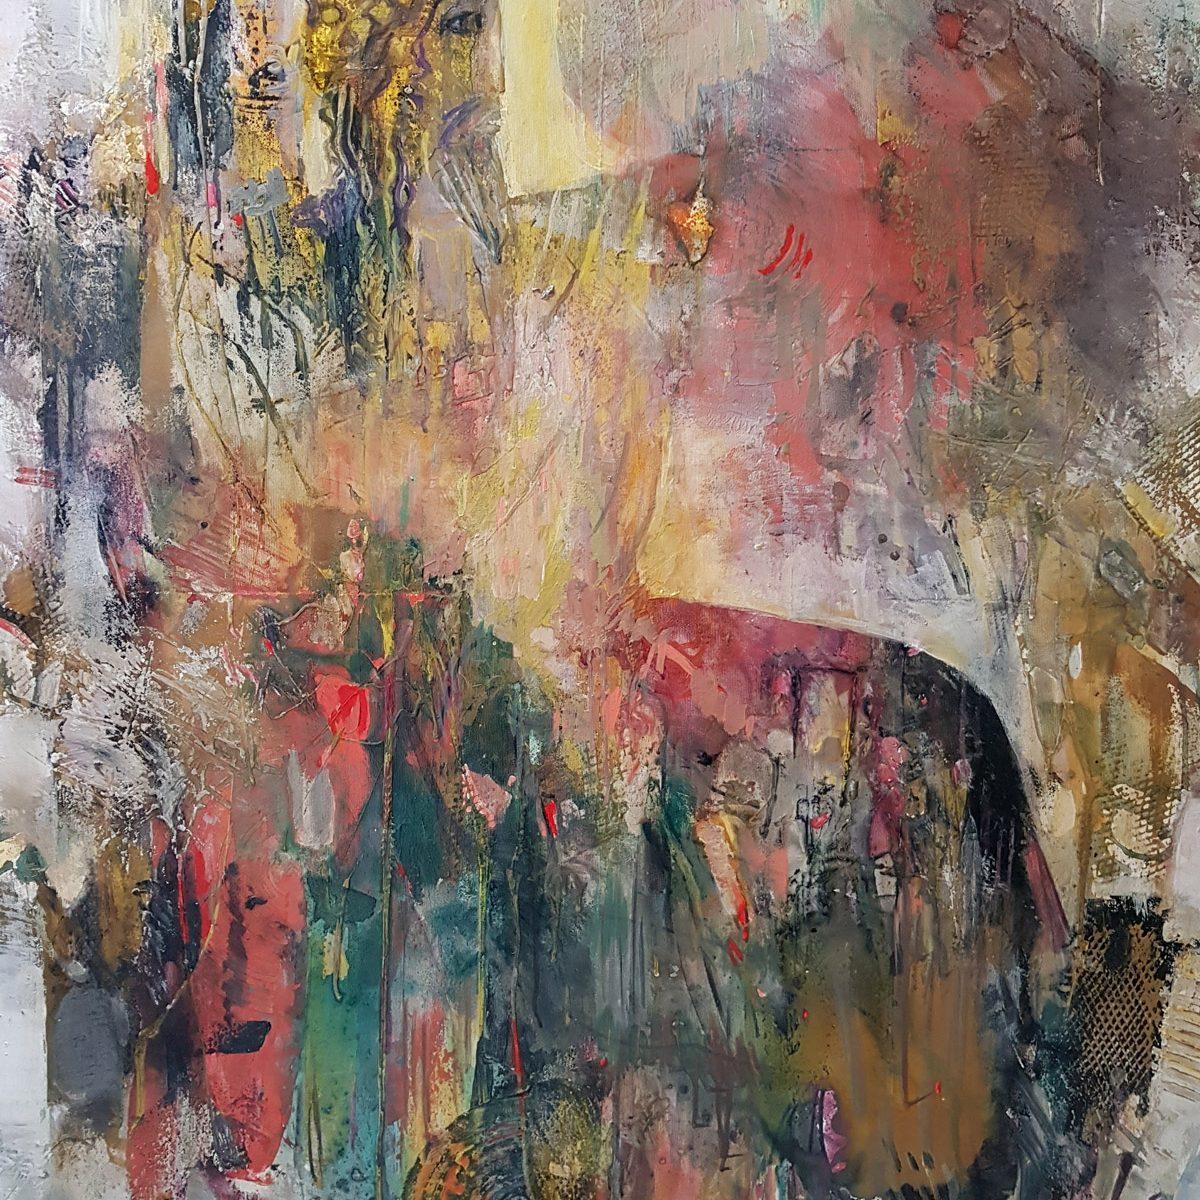 010 Poseidon acryloil on canvas 100x80cm